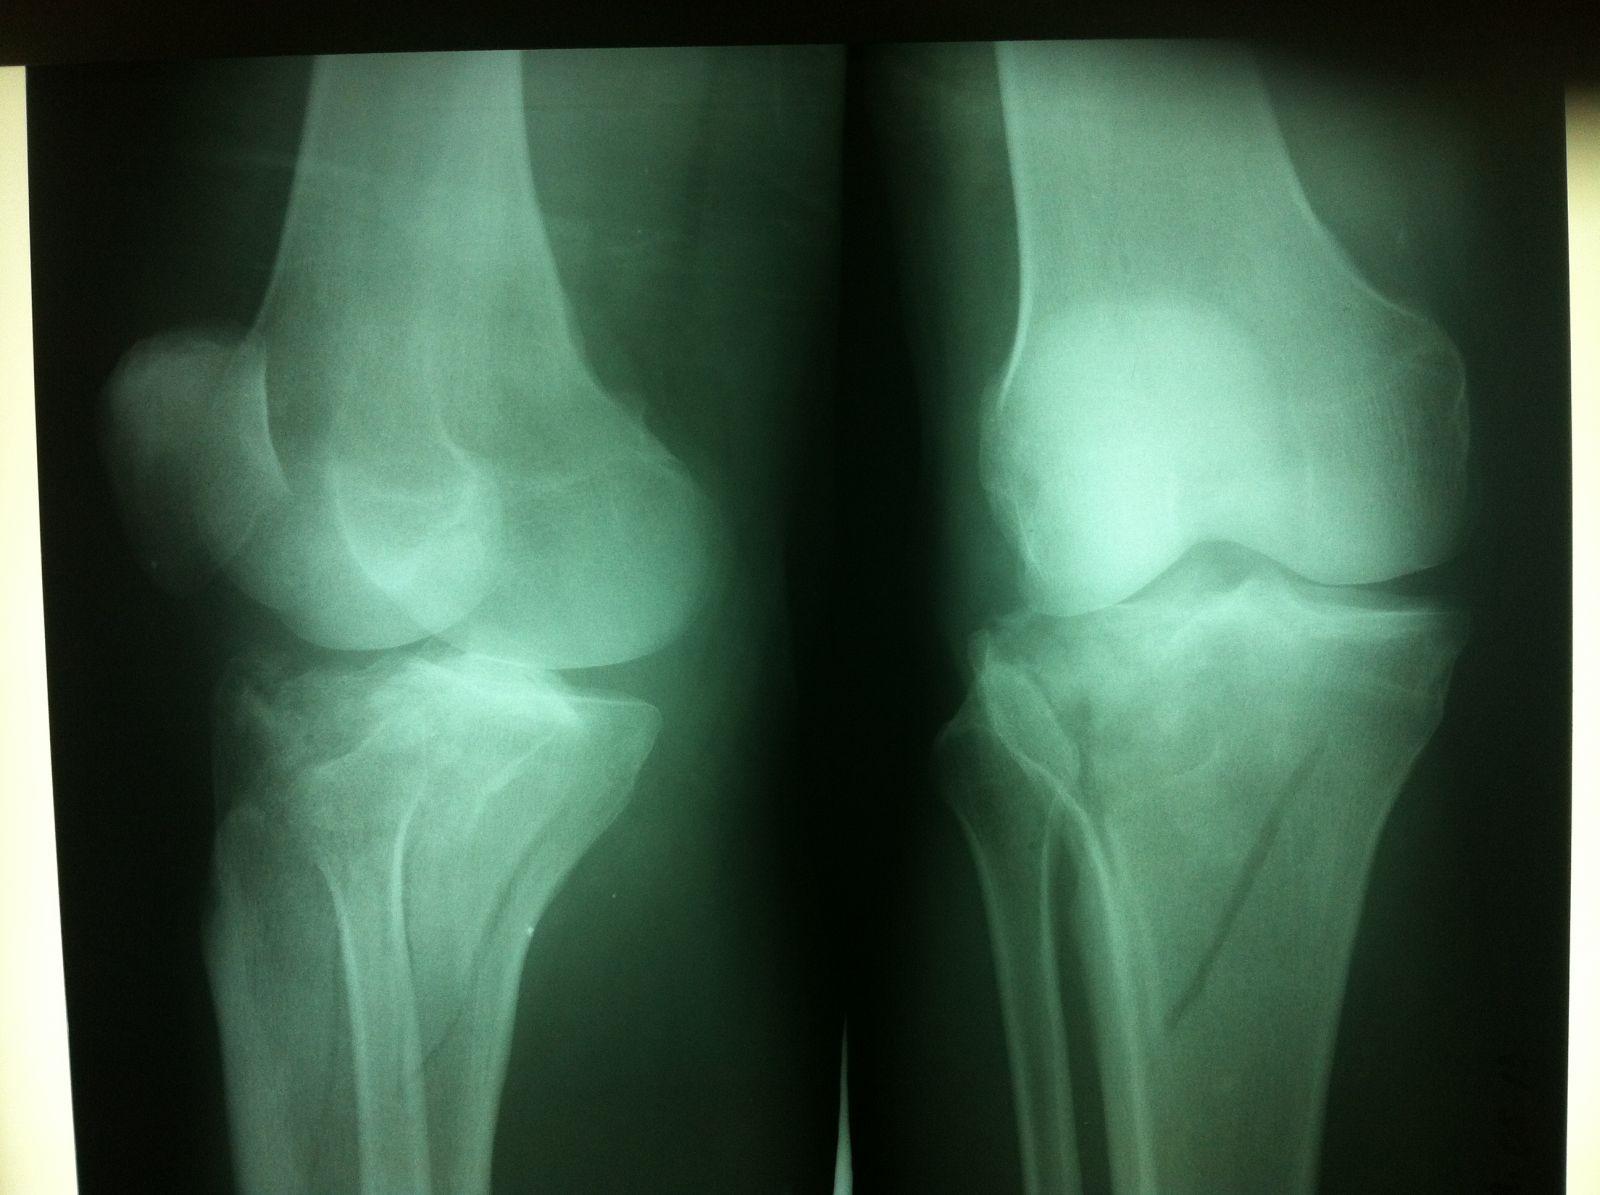 Рентген коленного сустава минск боли в суставах локтевом коленном суставе